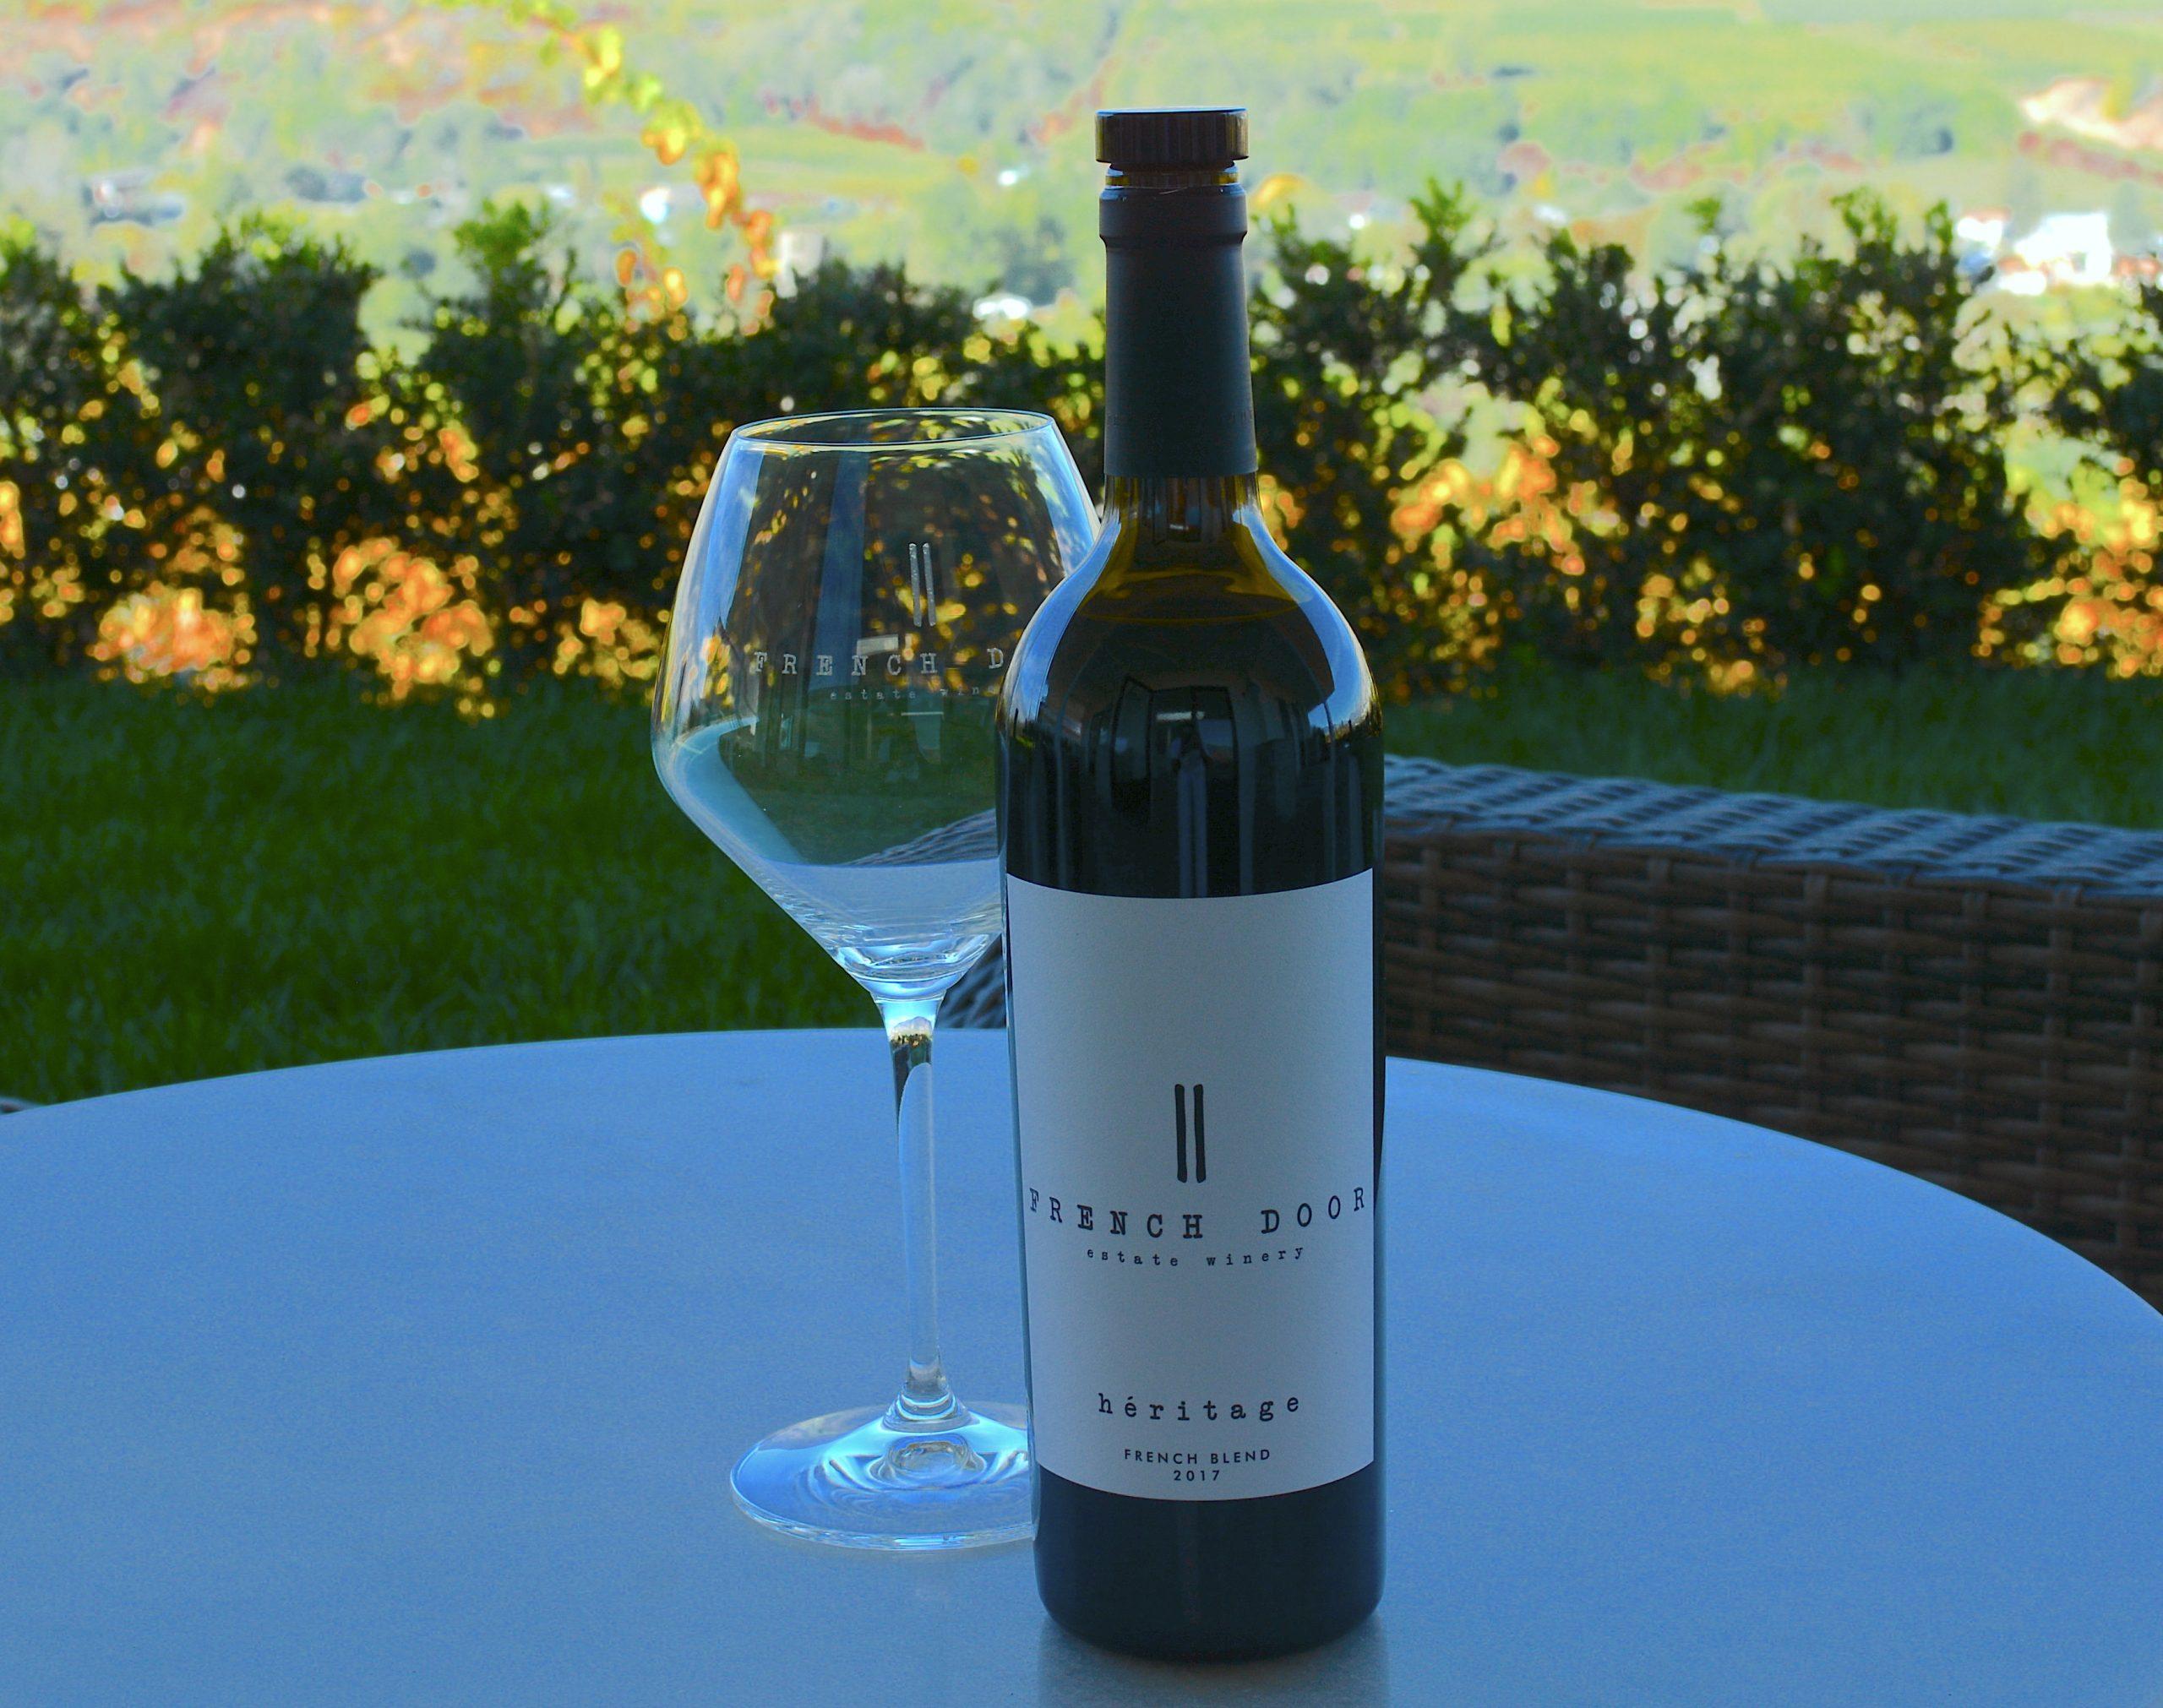 french-door-winery-bottle